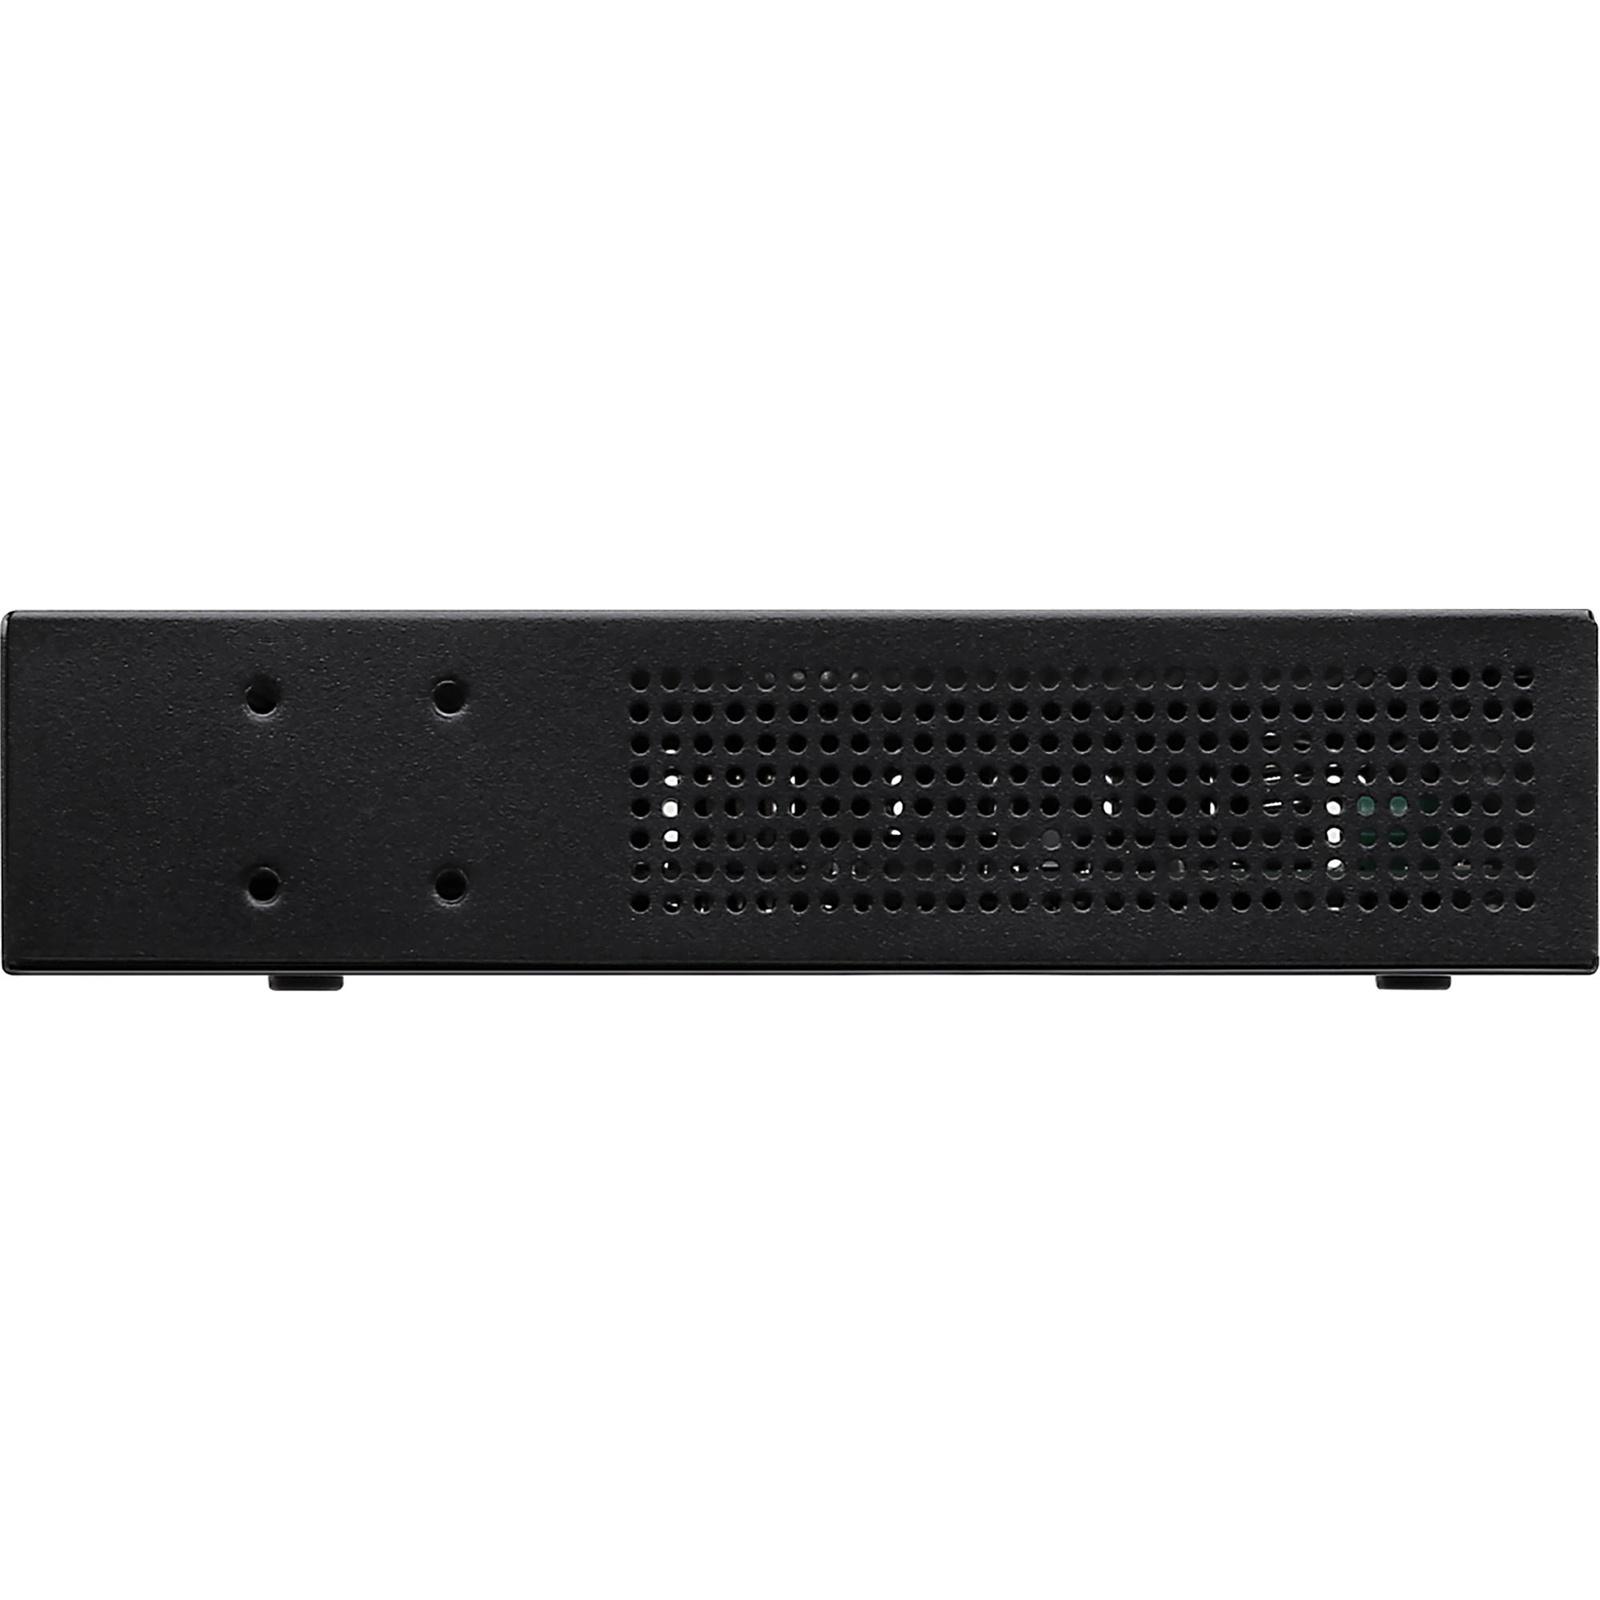 Buy the Ubiquiti EdgeRouter ER-12 10-Port Gigabit Router